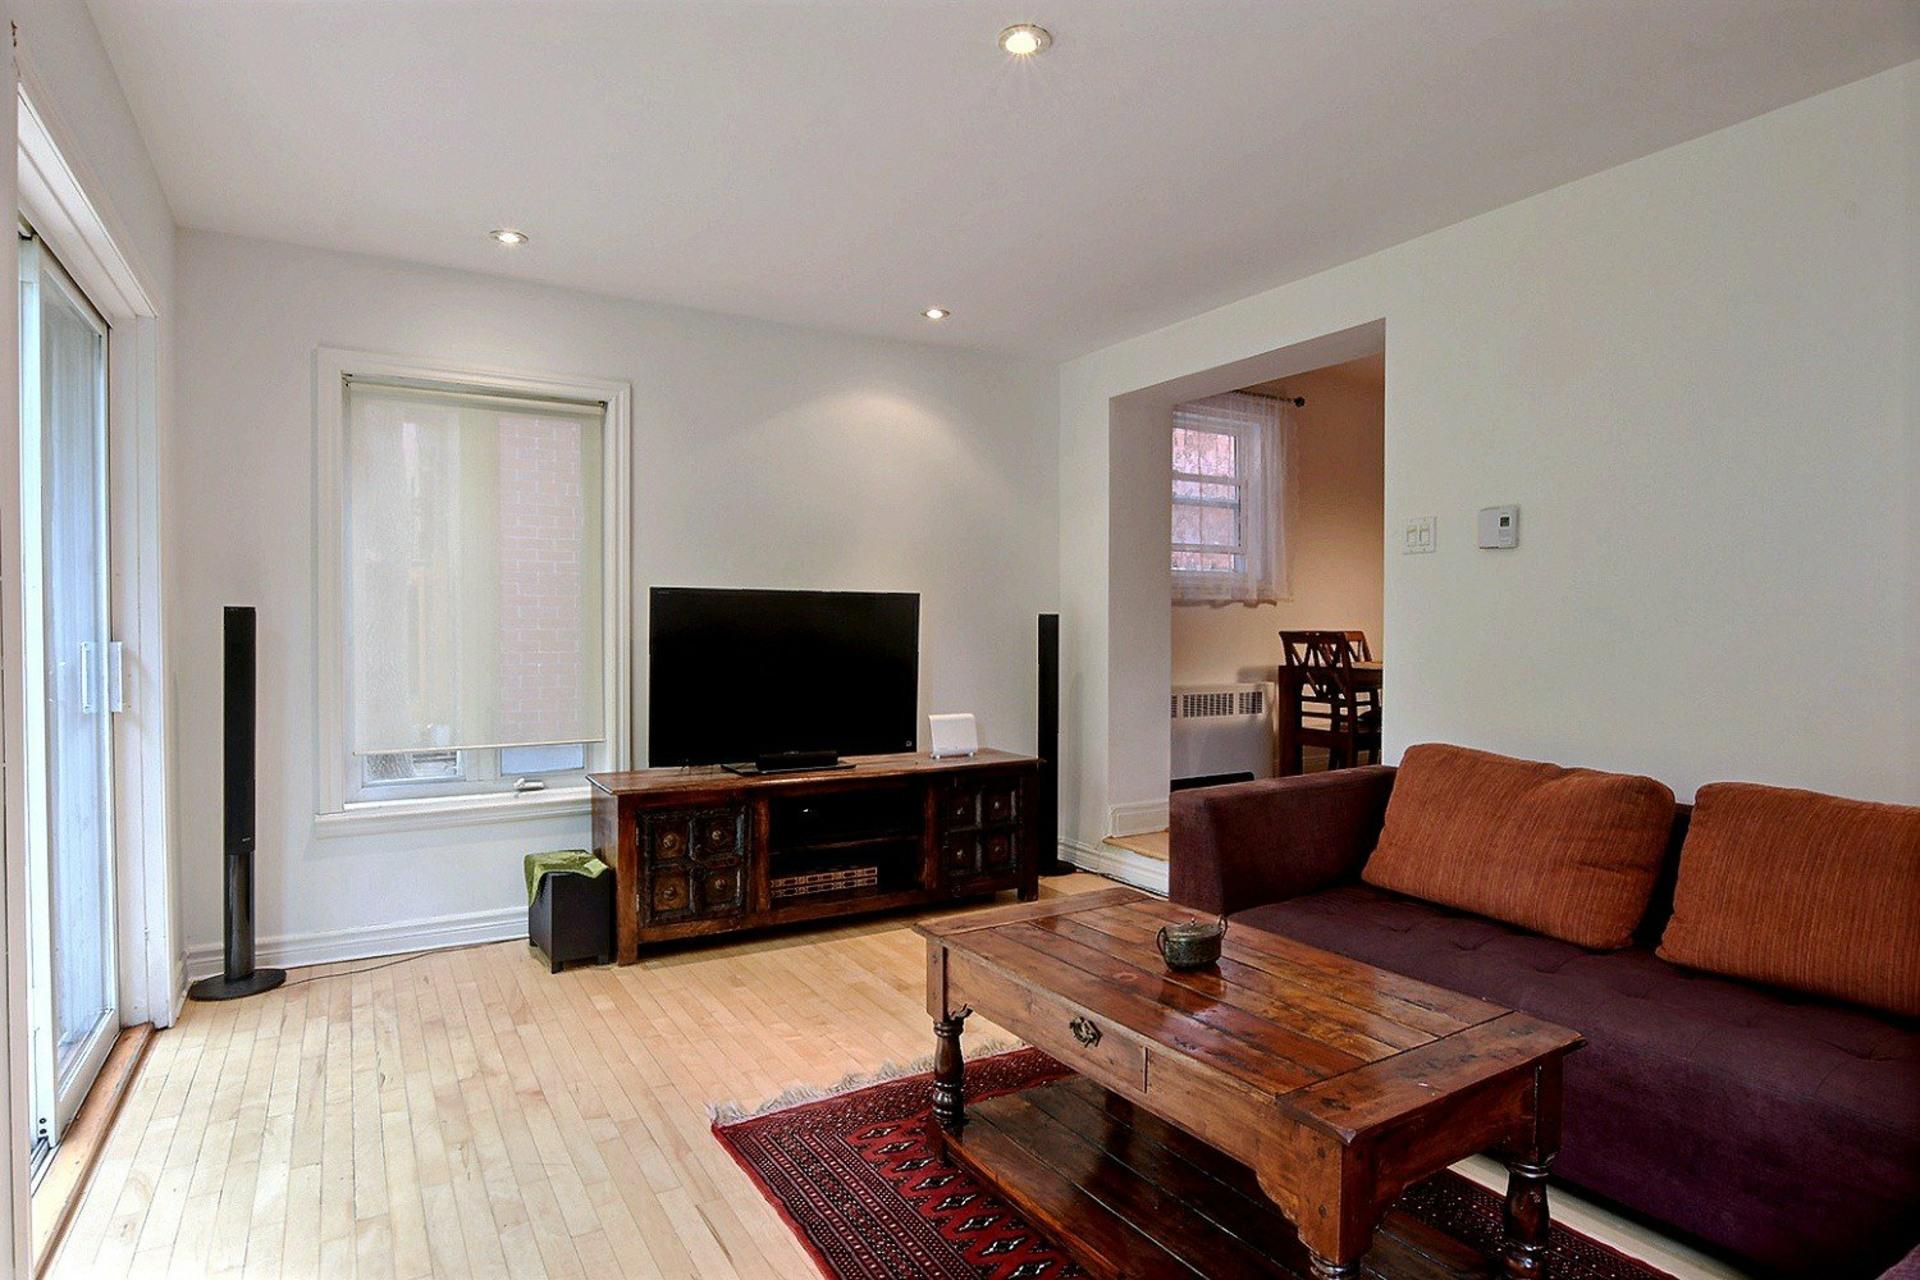 image 3 - Appartement À louer Côte-des-Neiges/Notre-Dame-de-Grâce Montréal  - 5 pièces